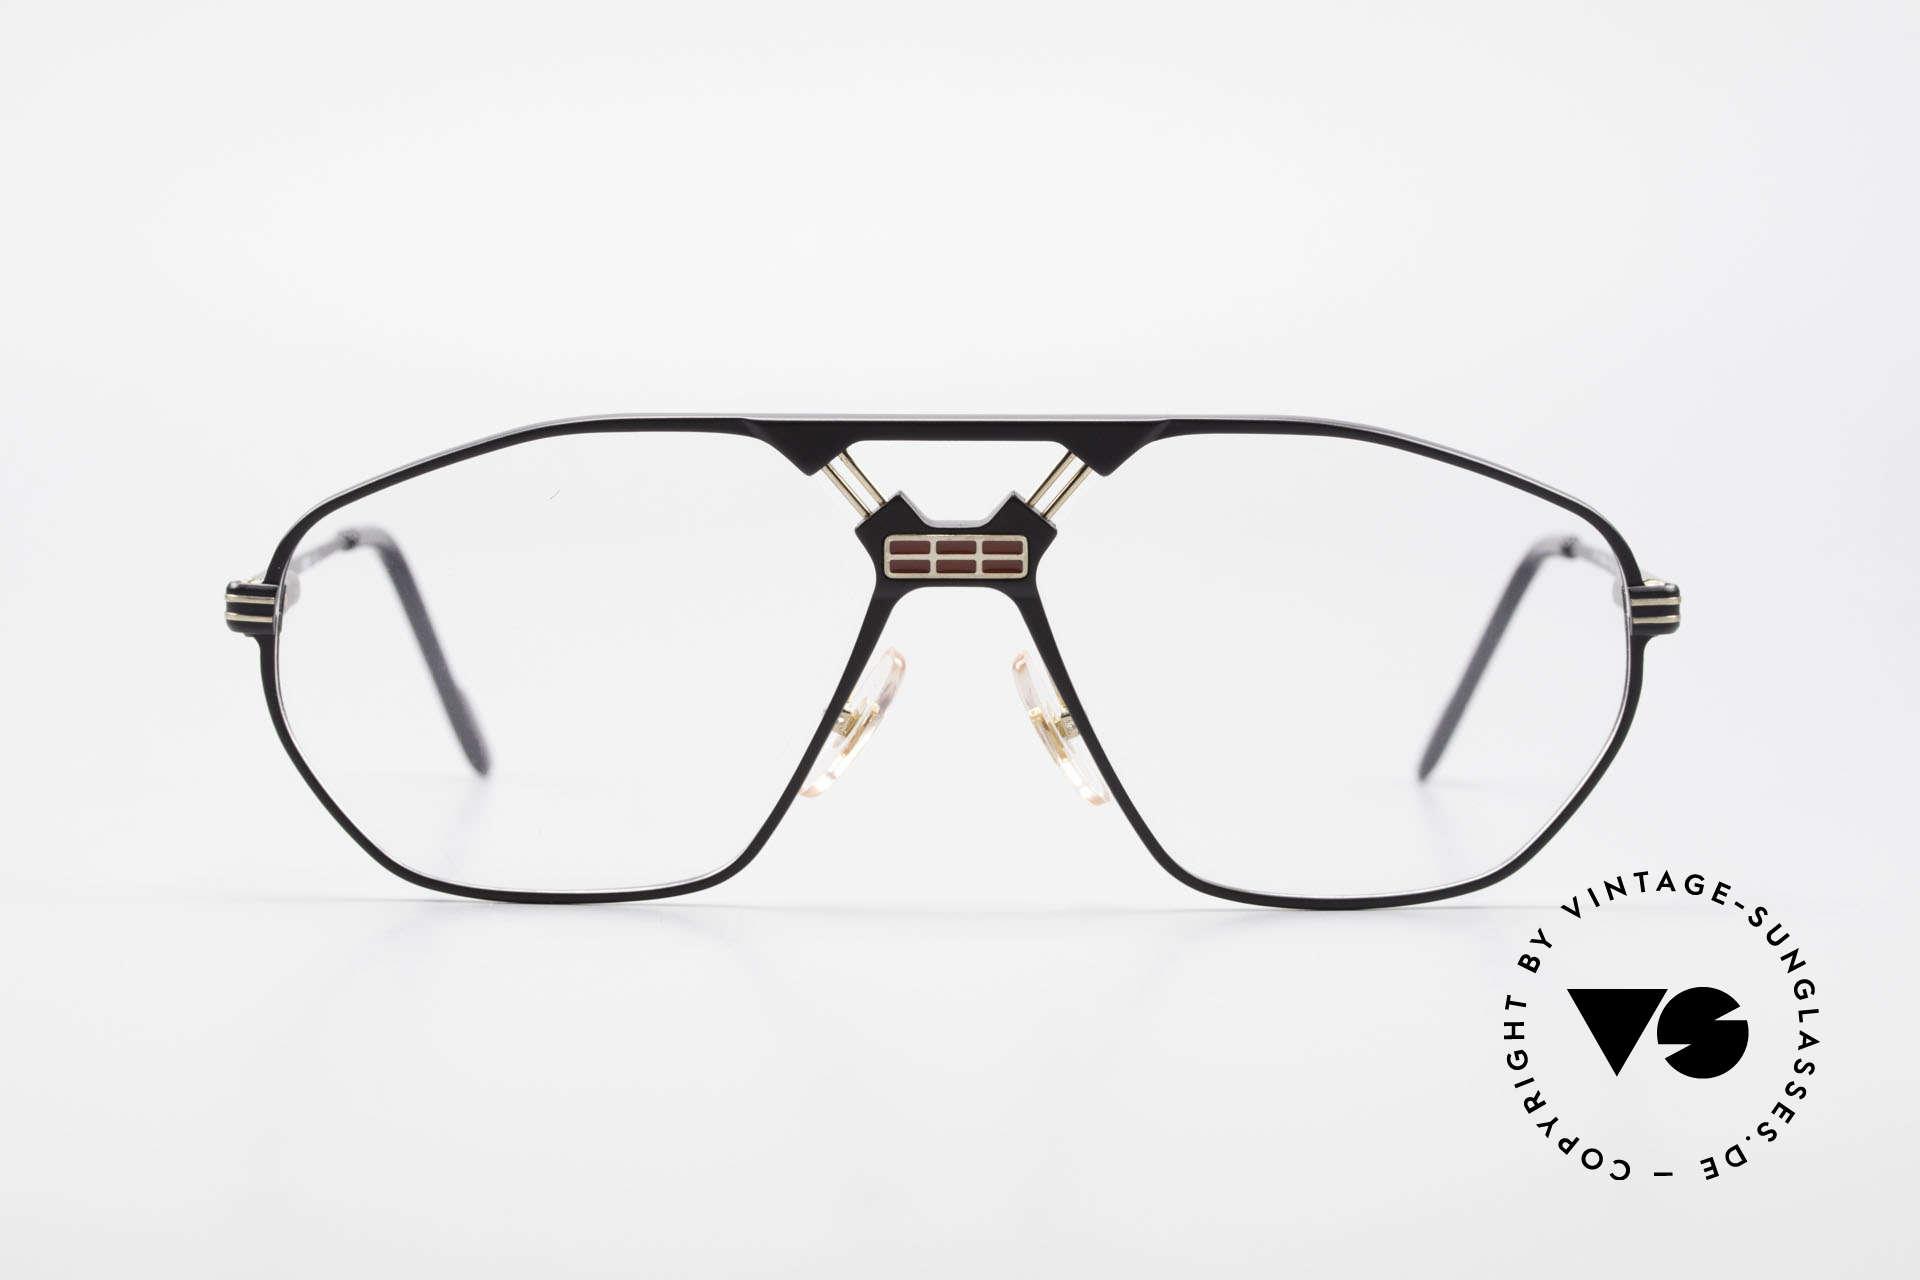 Ferrari F22 Men's Rare Vintage Glasses 90s, striking frame construction (very interesting bridge), Made for Men